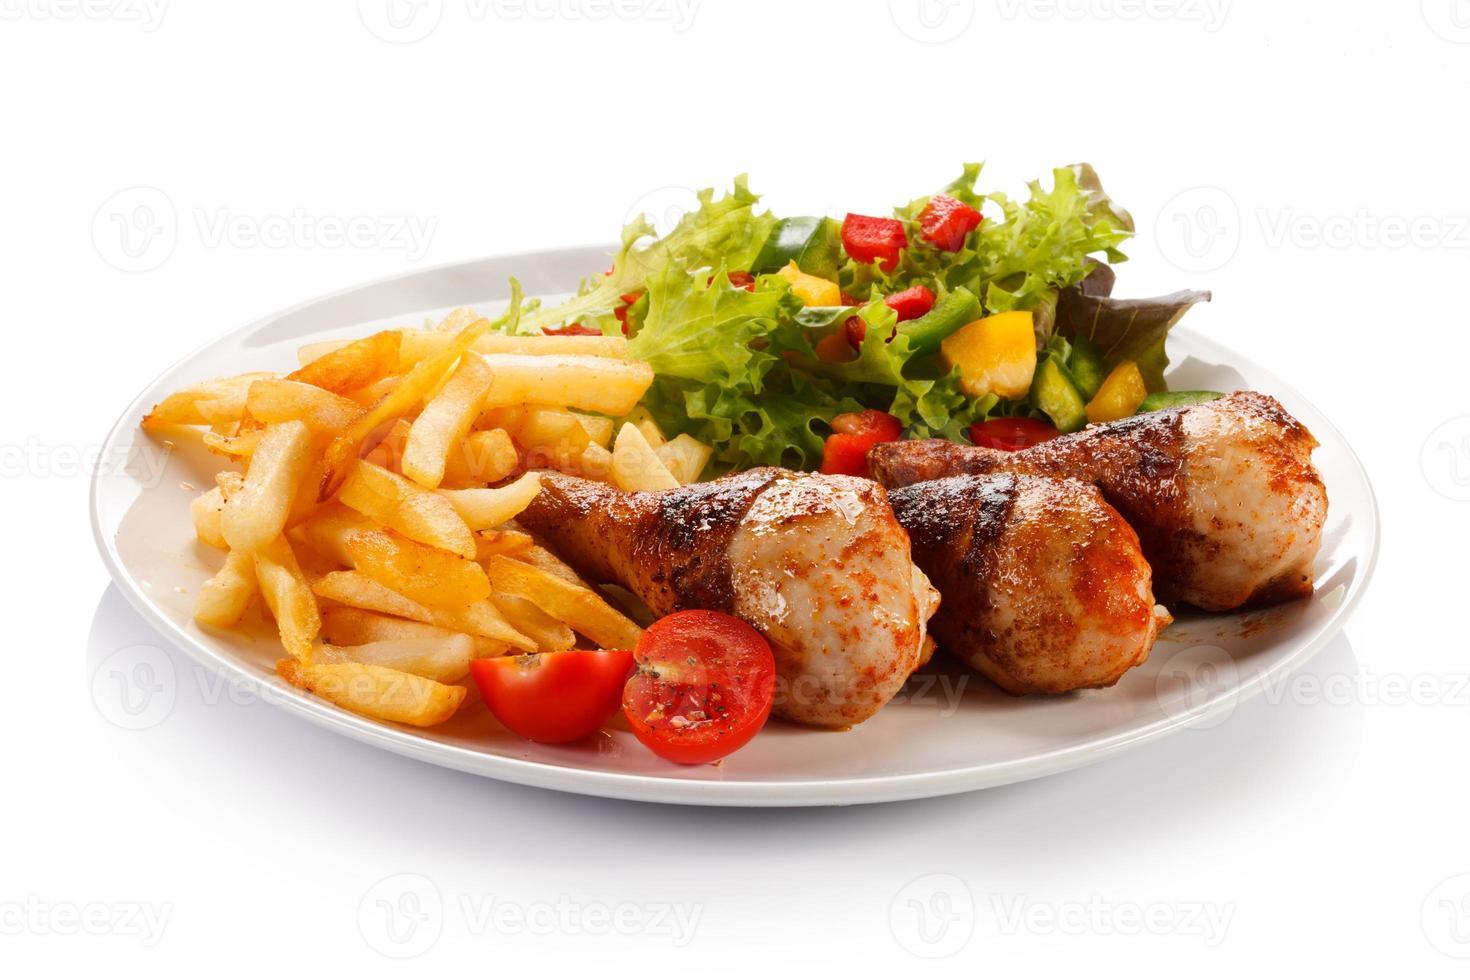 coxinhas de frango assado, batata frita e legumes foto